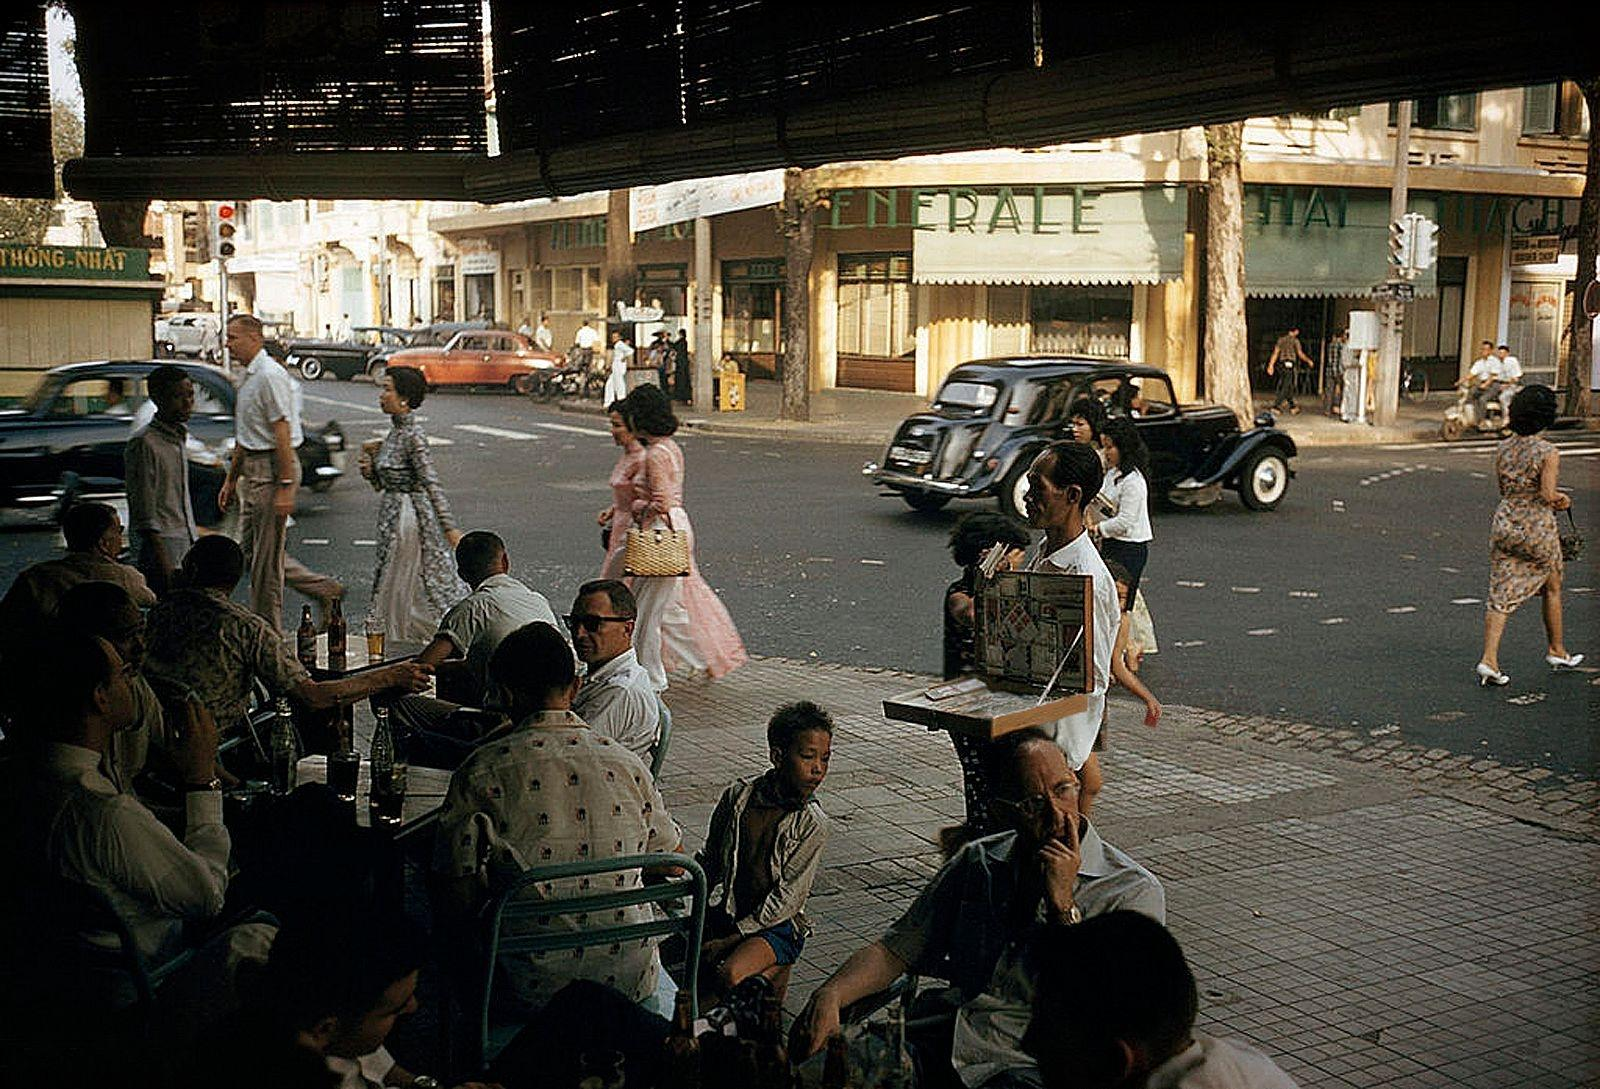 Nhịp sống Sài Gòn những năm 60 qua ống kính phóng viên ảnh National Geographic Ảnh 1